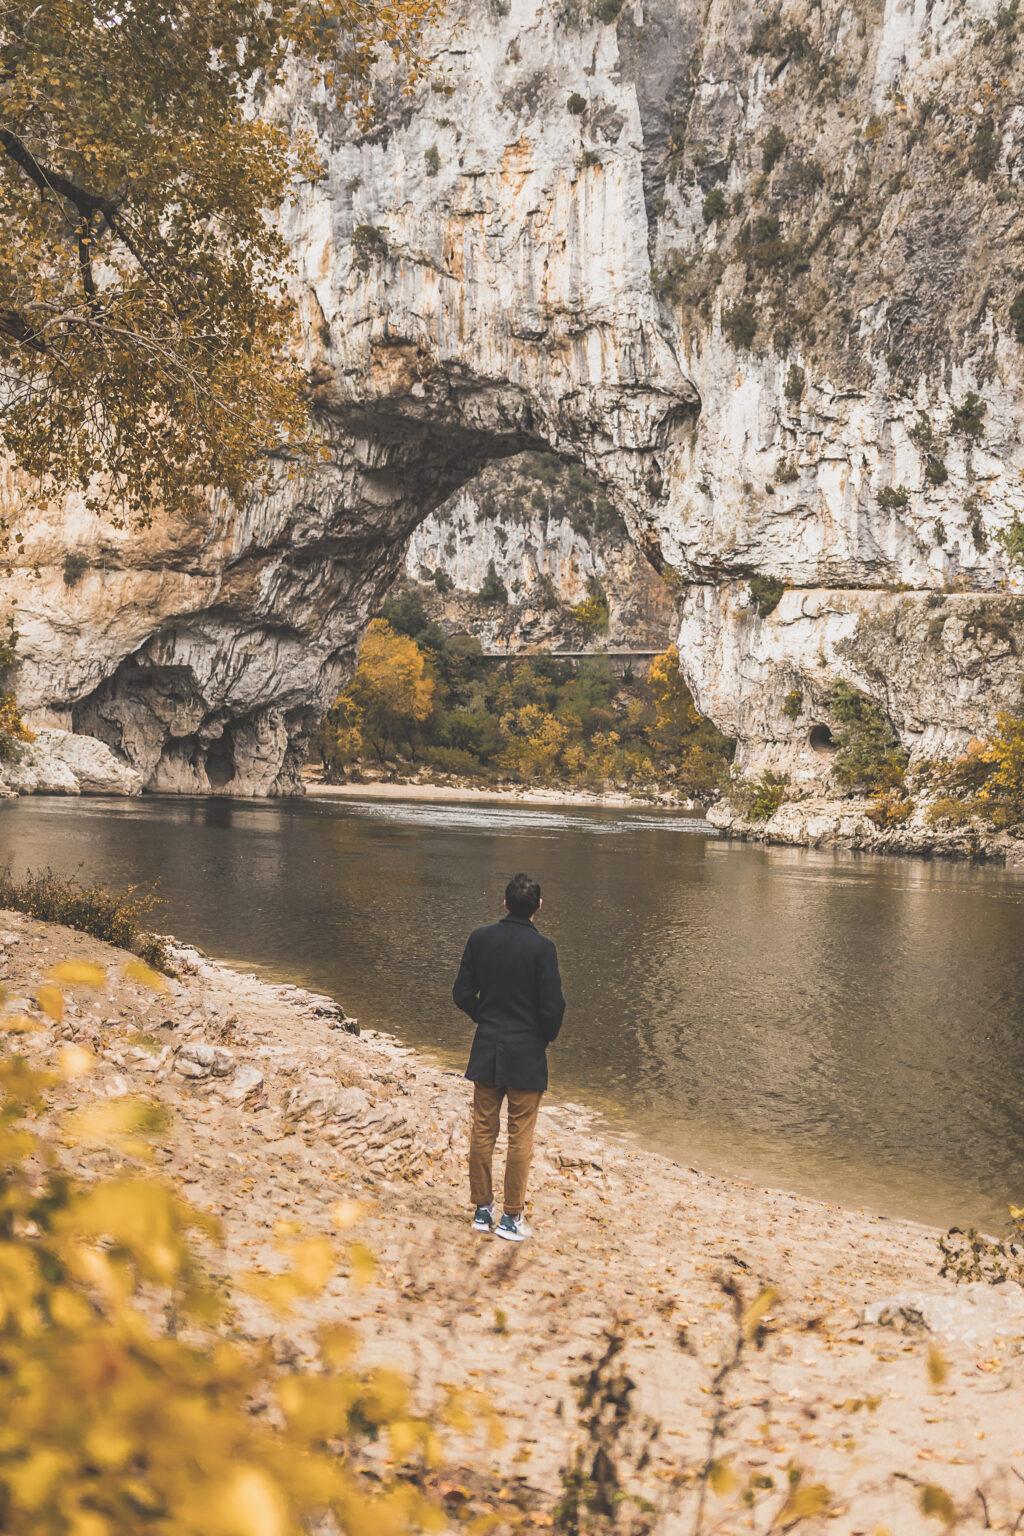 Vous vous demandez que visiter en Ardèche ? Faites un road trip en van et suivez le guide ! Ardeche france / Ardeche insolite / Ardeche frankrijk / Ardeche paysage / Ardeche camping / auvergne tourisme / Auvergne france / Auvergne rhone alpes / Auvergne-rhône-alpes / Auvergne frankrijk / Auvergne paysage / Vacances en France / Vacances plage / France paysage / Voyage en France / Voyage nature / Voyage en France / Destinations de voyages / Road trip France / Plus beaux villages de France /paysage